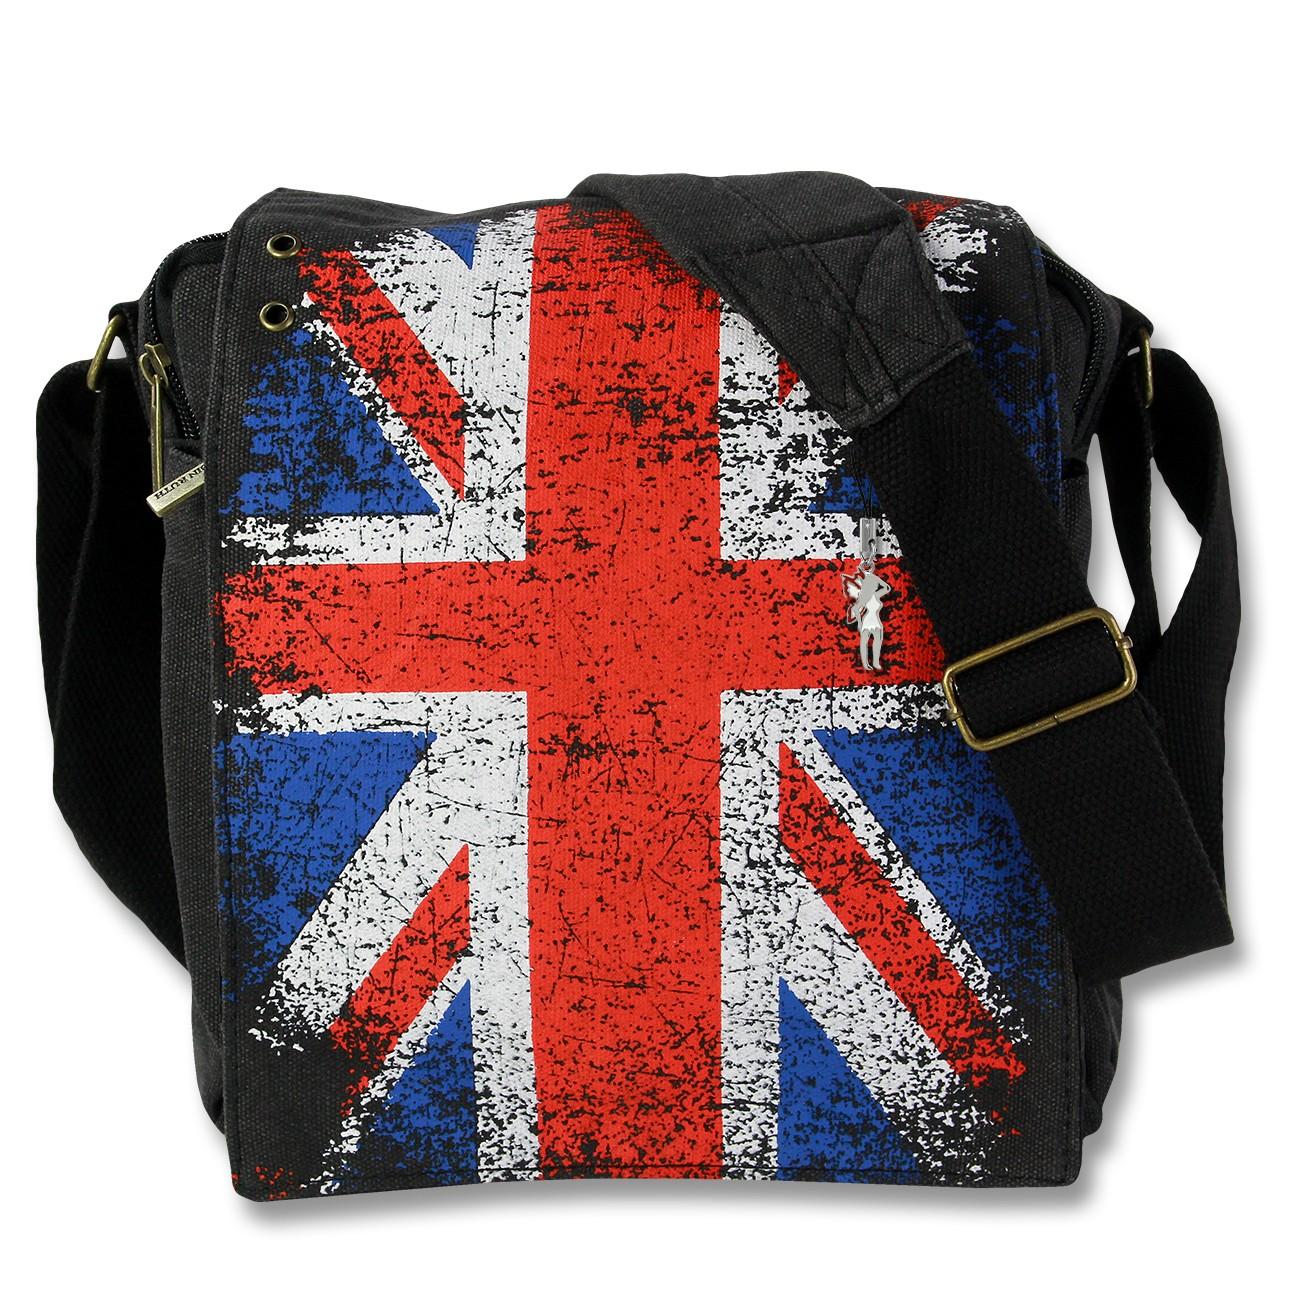 Umhängetasche Canvas schwarz Crossover Tasche Union Jack Robin Ruth OTG202L